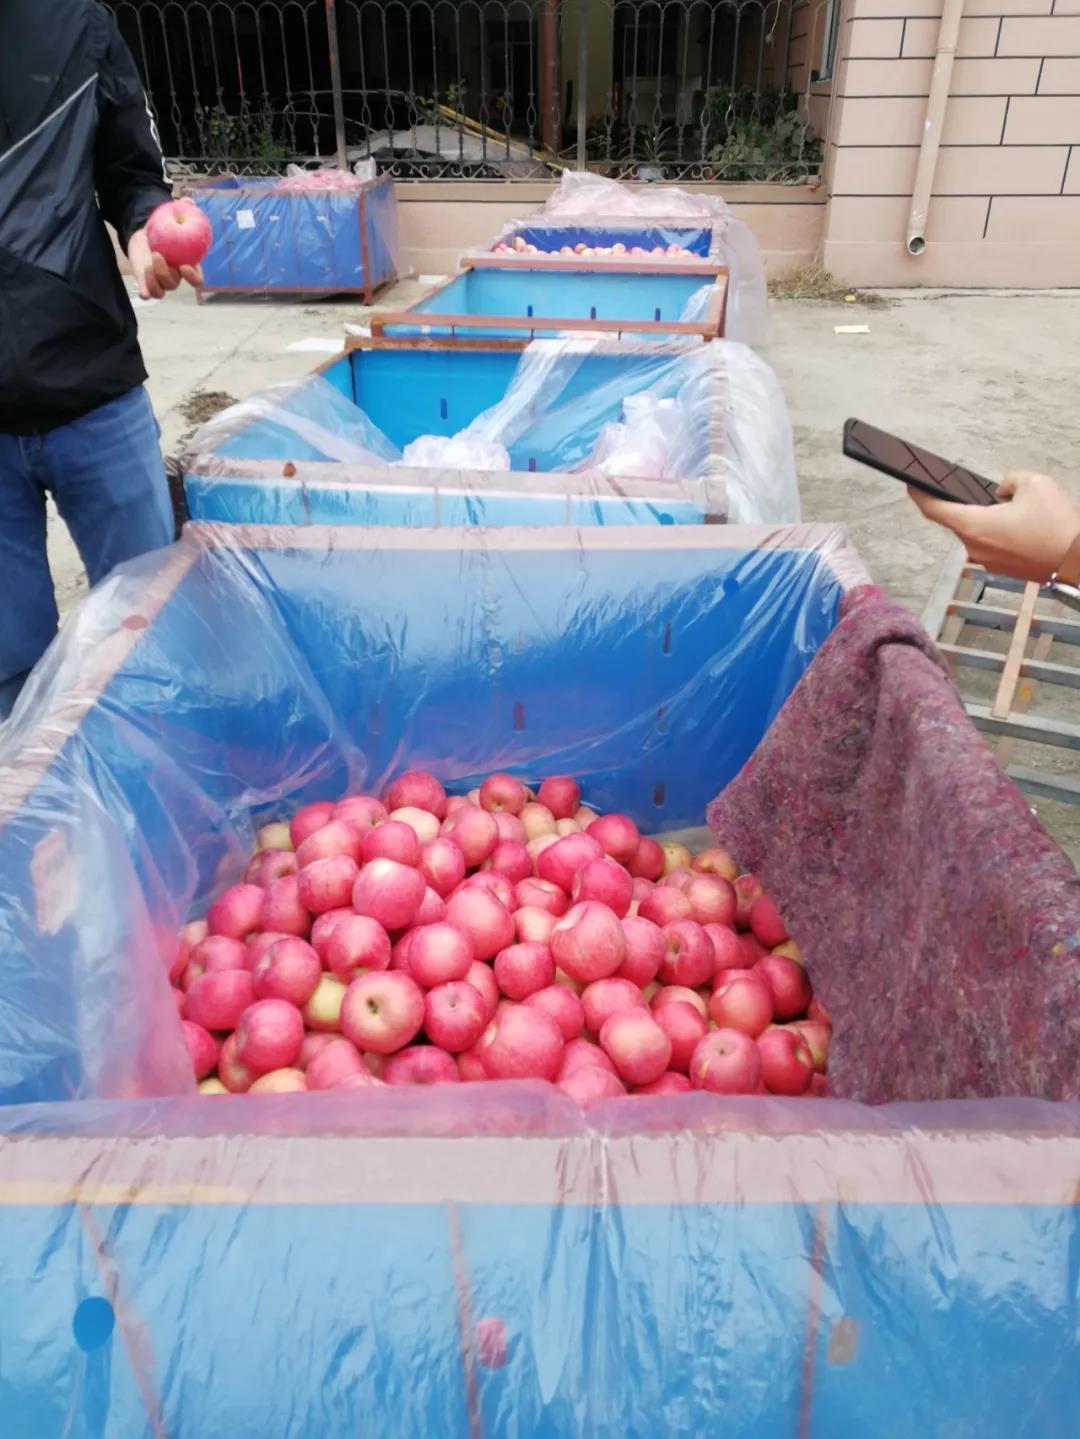 等待进库的果农苹果.jpg